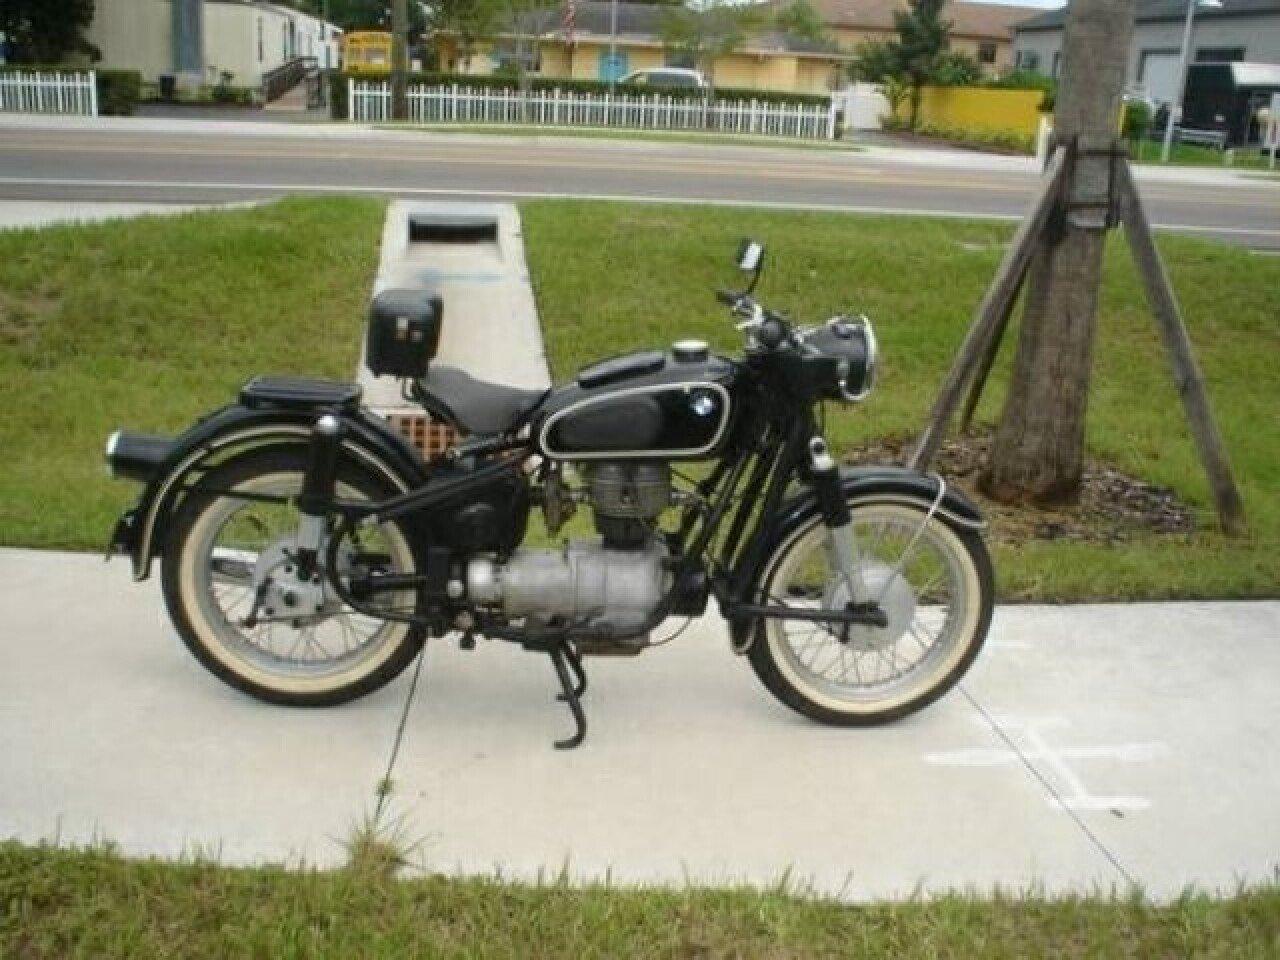 1959 Bmw R26 For Sale Near Cadillac Michigan 49601